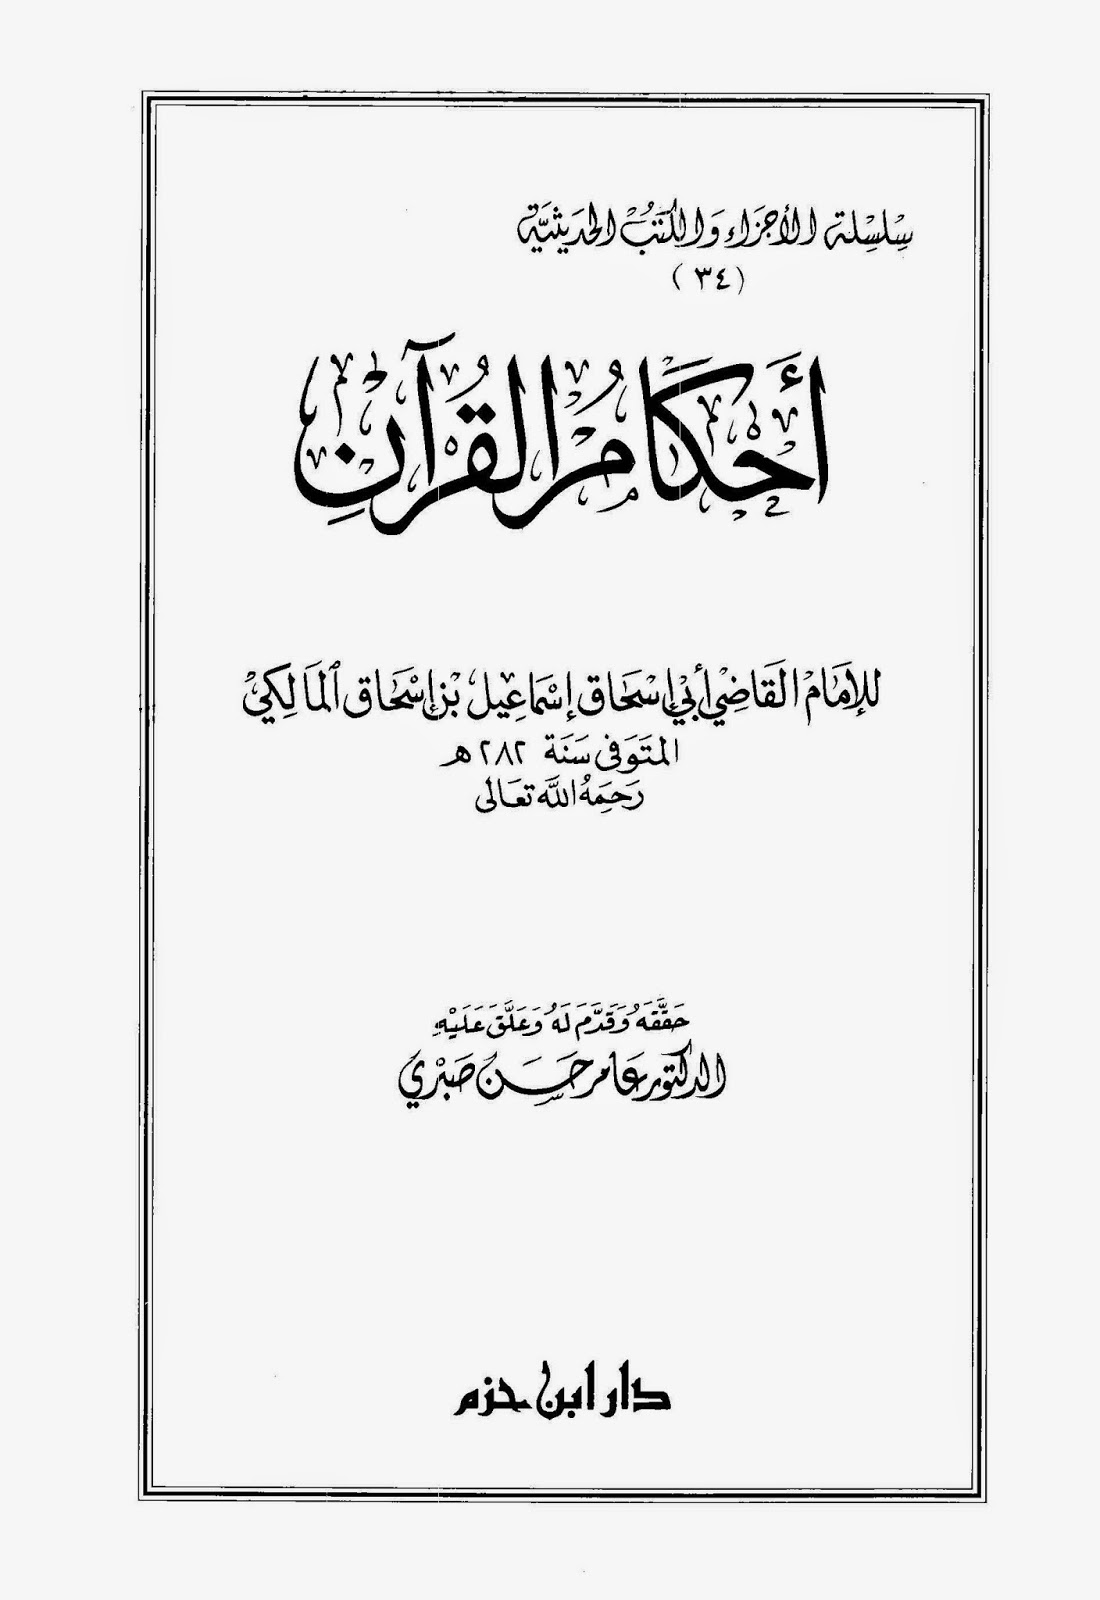 أحكام القرآن للإمام أبي اسحاق المالكي pdf